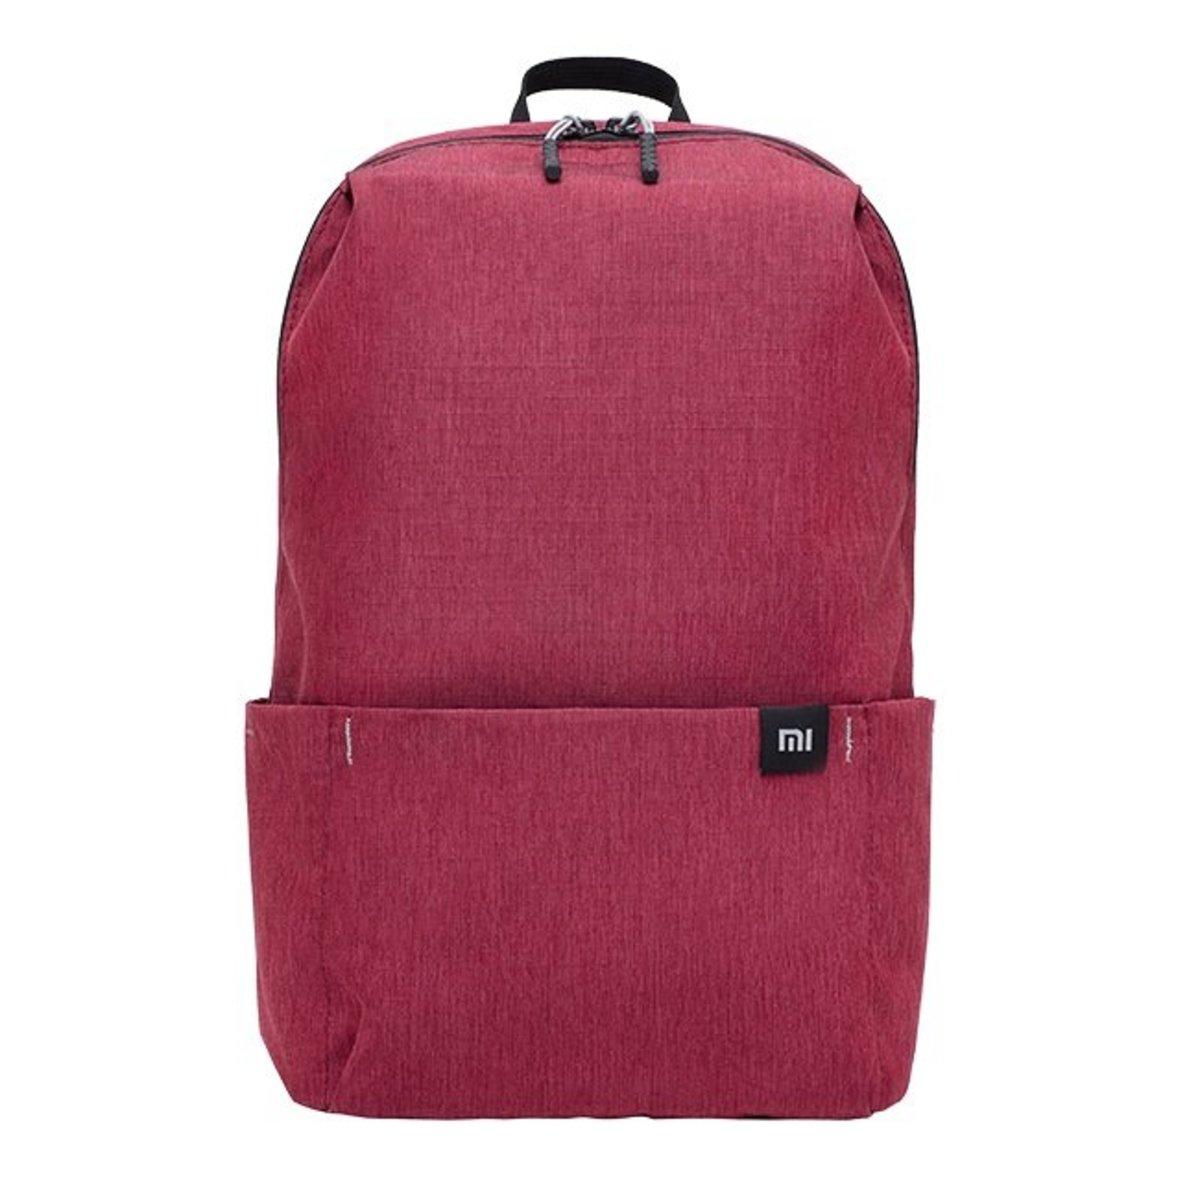 防水10L小背包 紅色